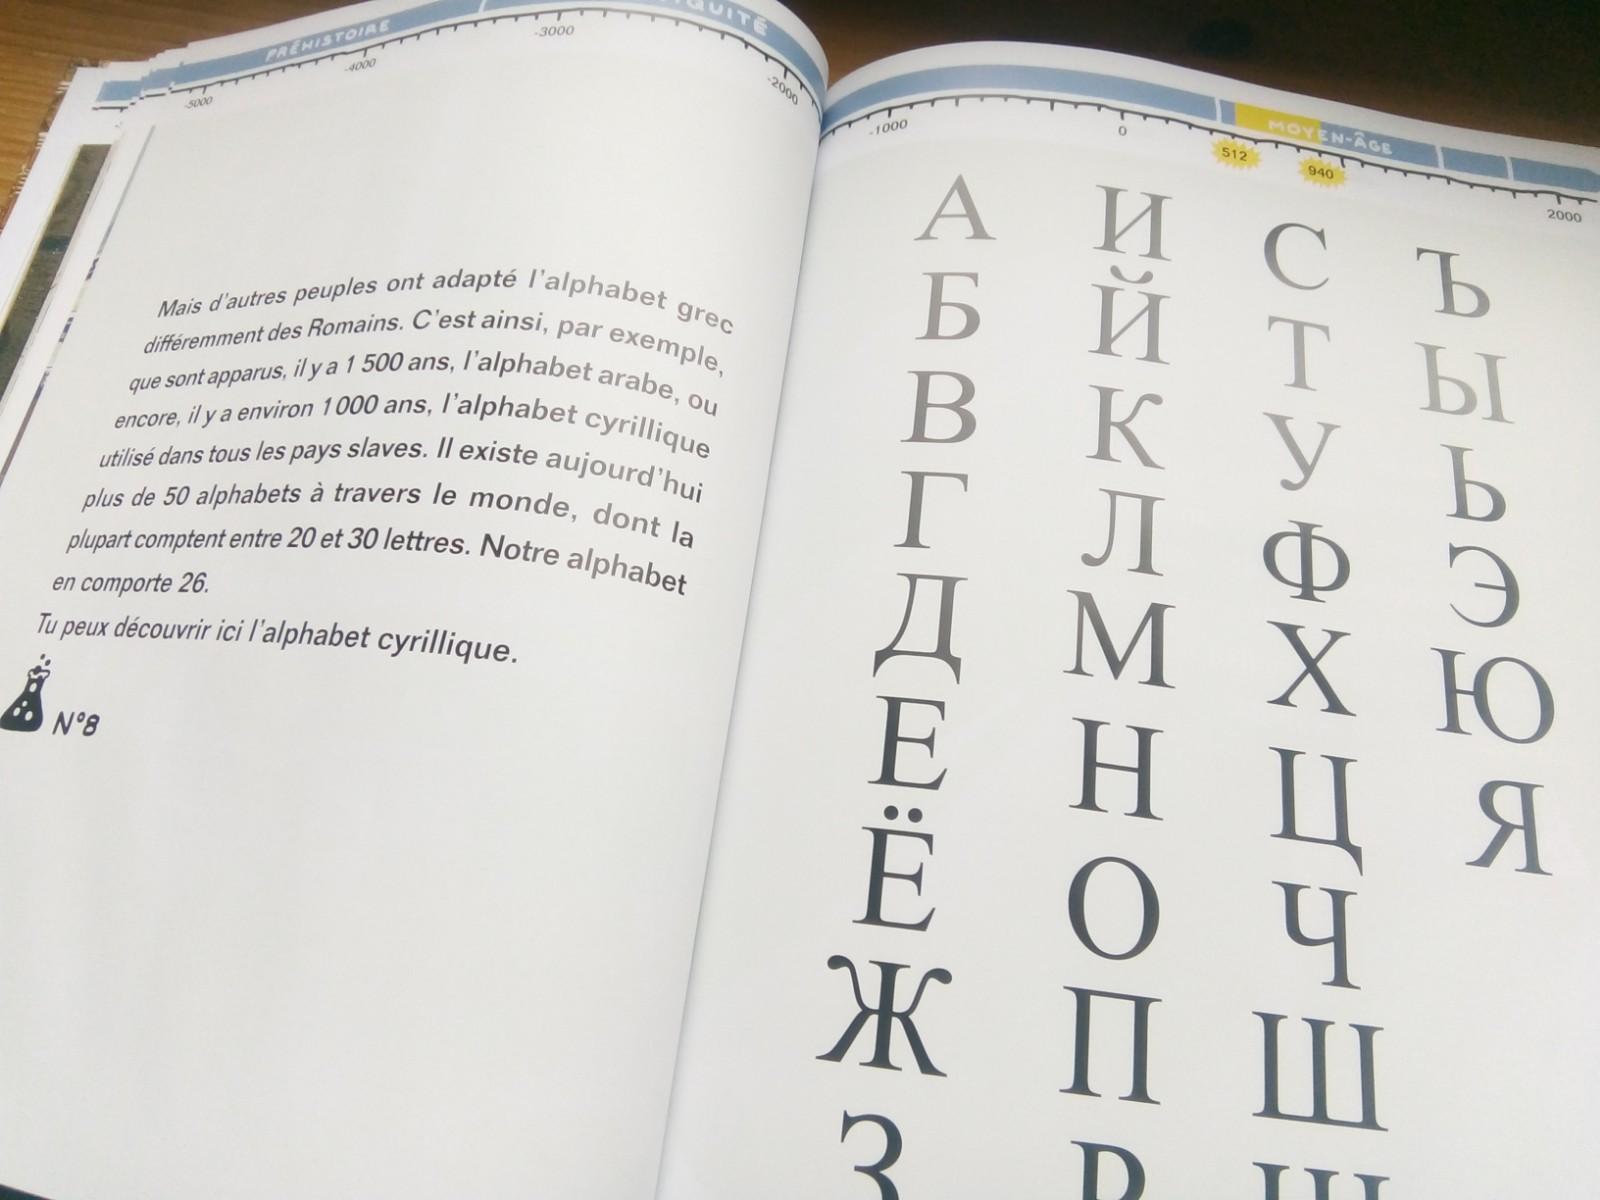 grands récits montessori histoire de l'écriture